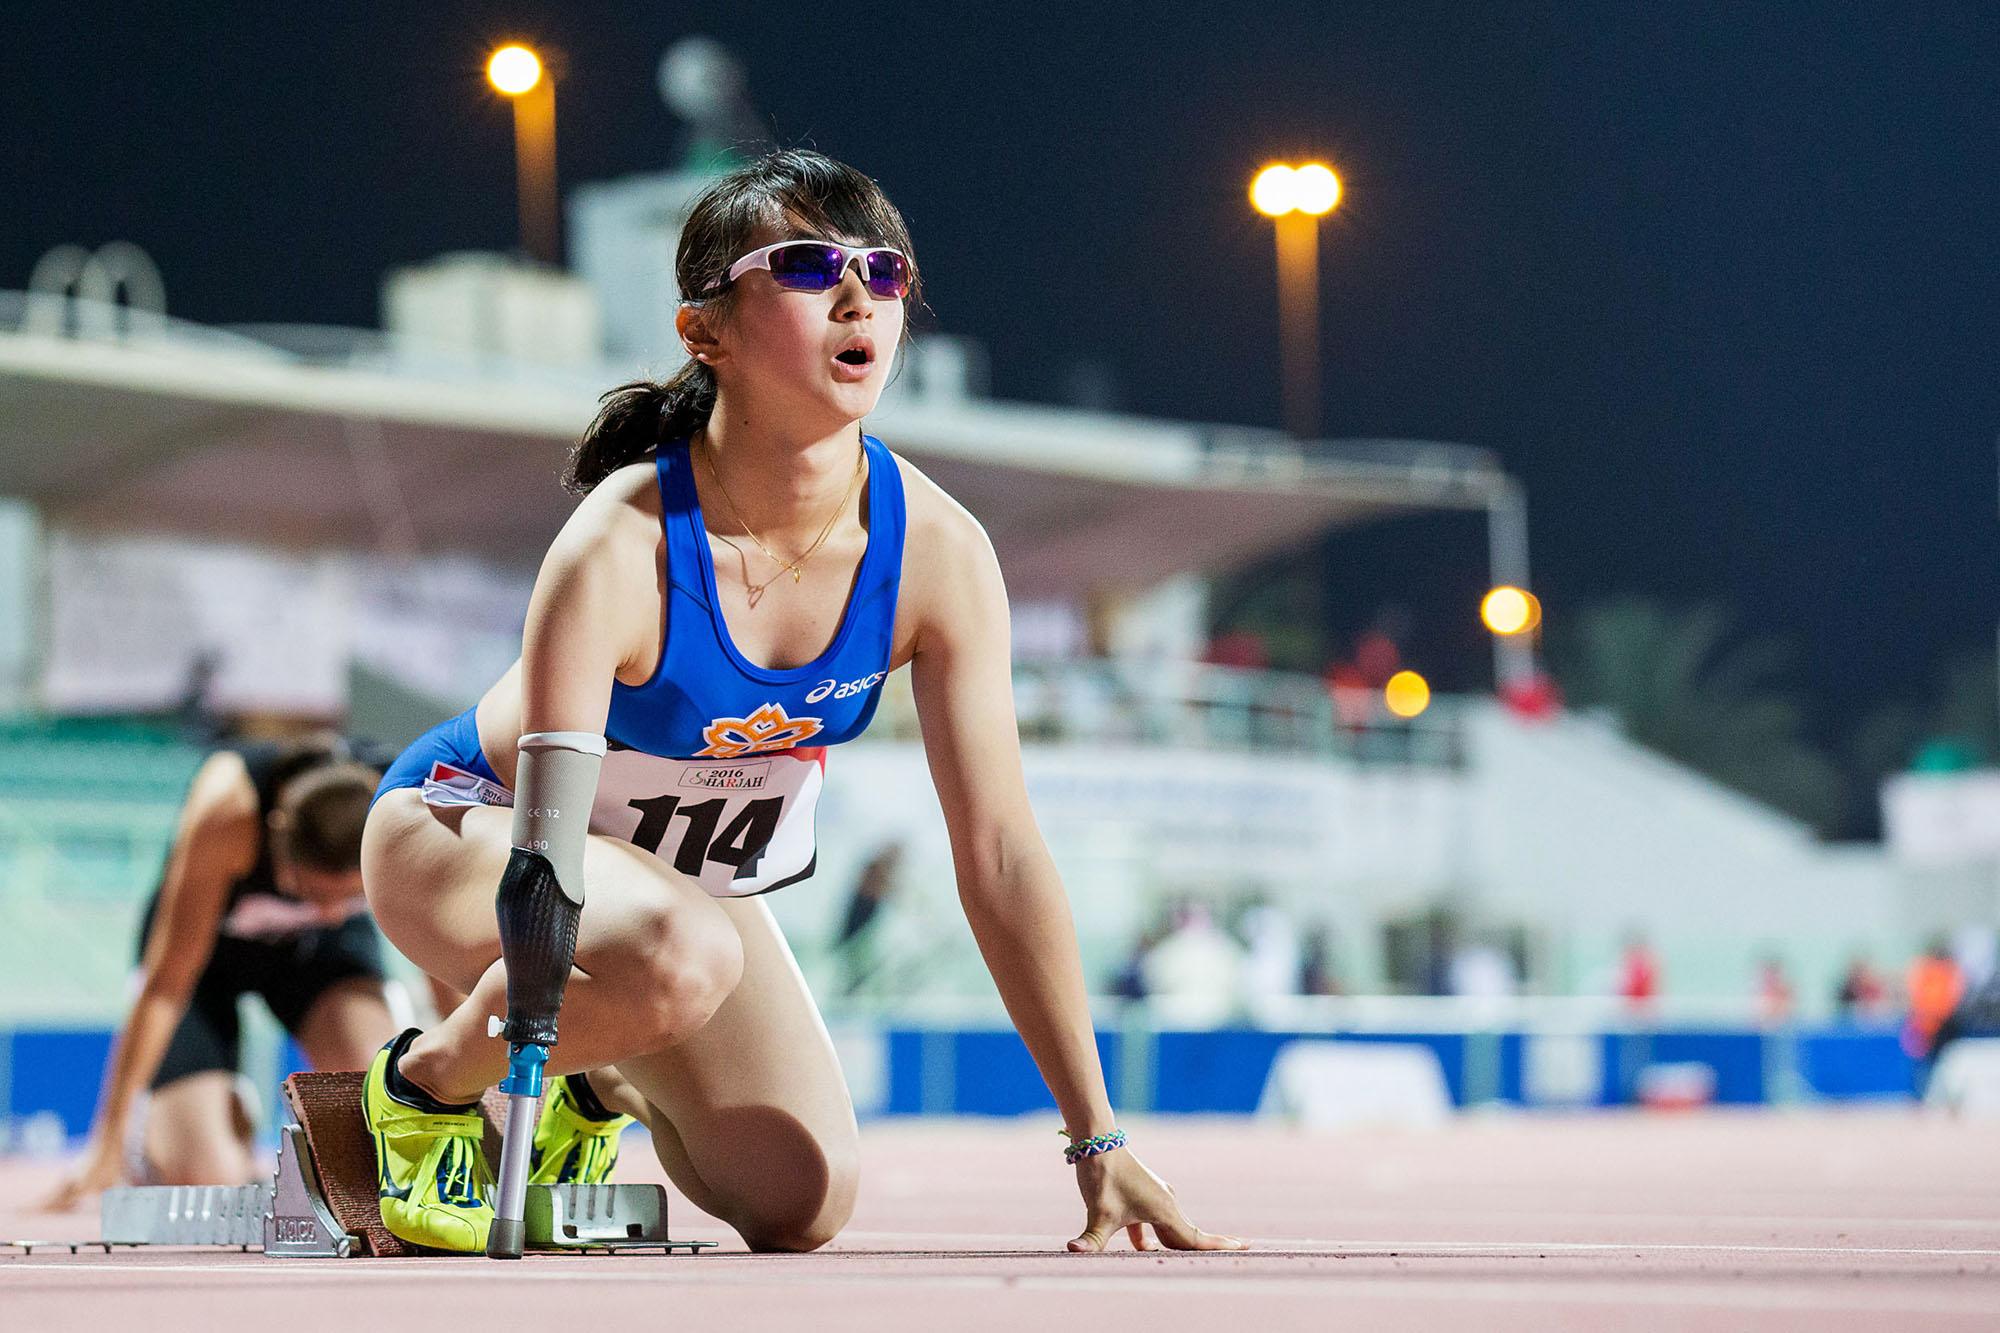 リオでは、陸上400mで金メダルを狙う(撮影:越智貴雄)